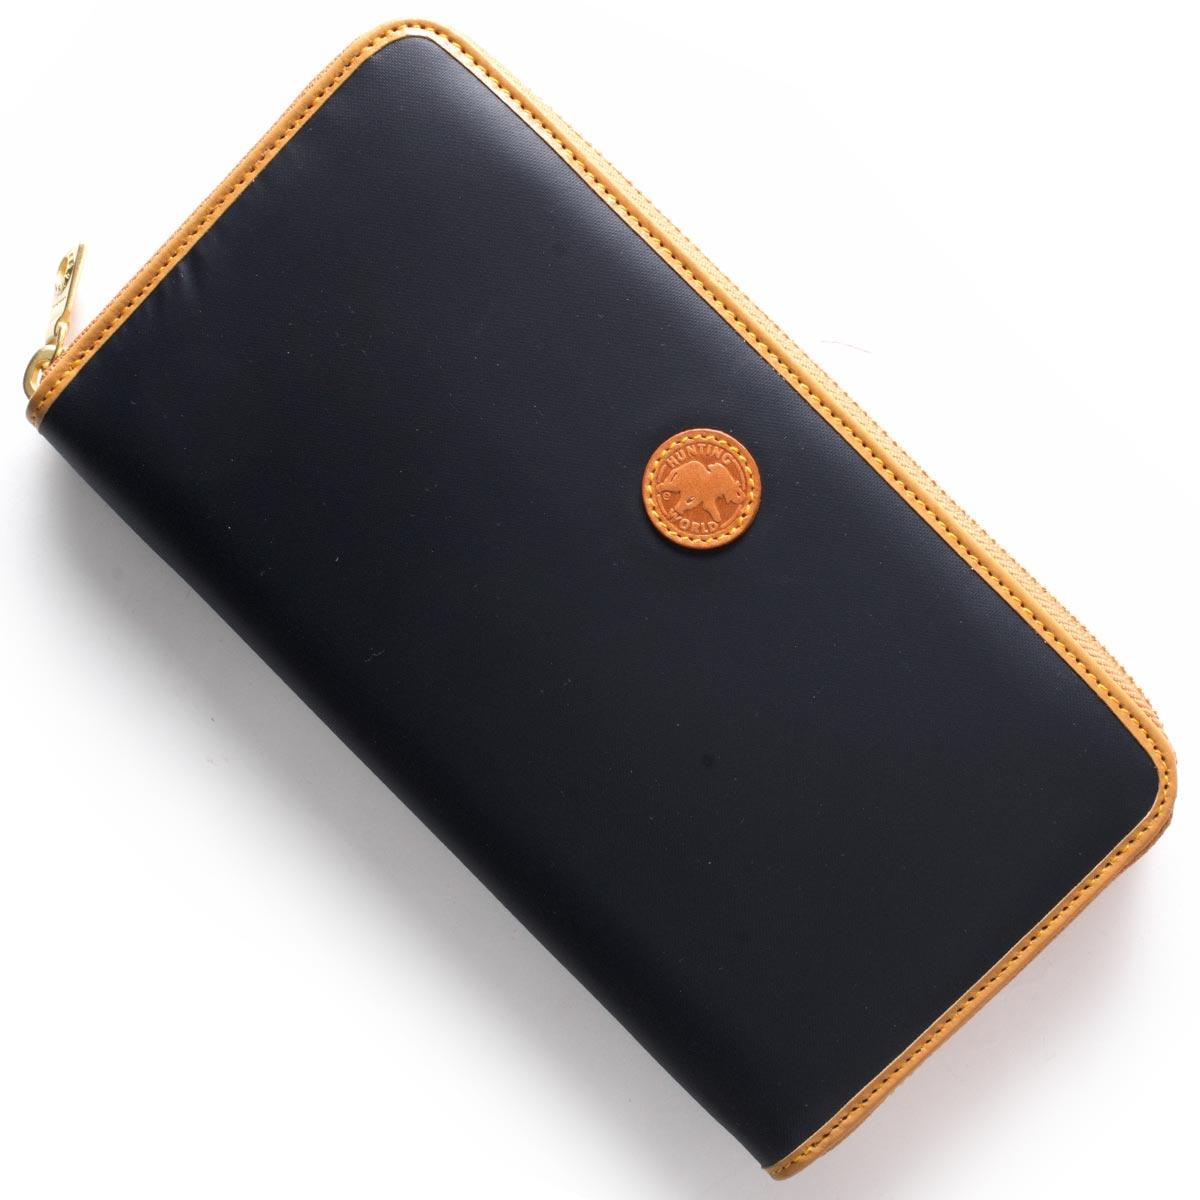 ハンティングワールド 長財布 財布 メンズ BATTUE ORIGIN ネイビー&ビンテージナチュラル 827 1A6 HUNTING WORLD バーゲン ギフト プレゼント